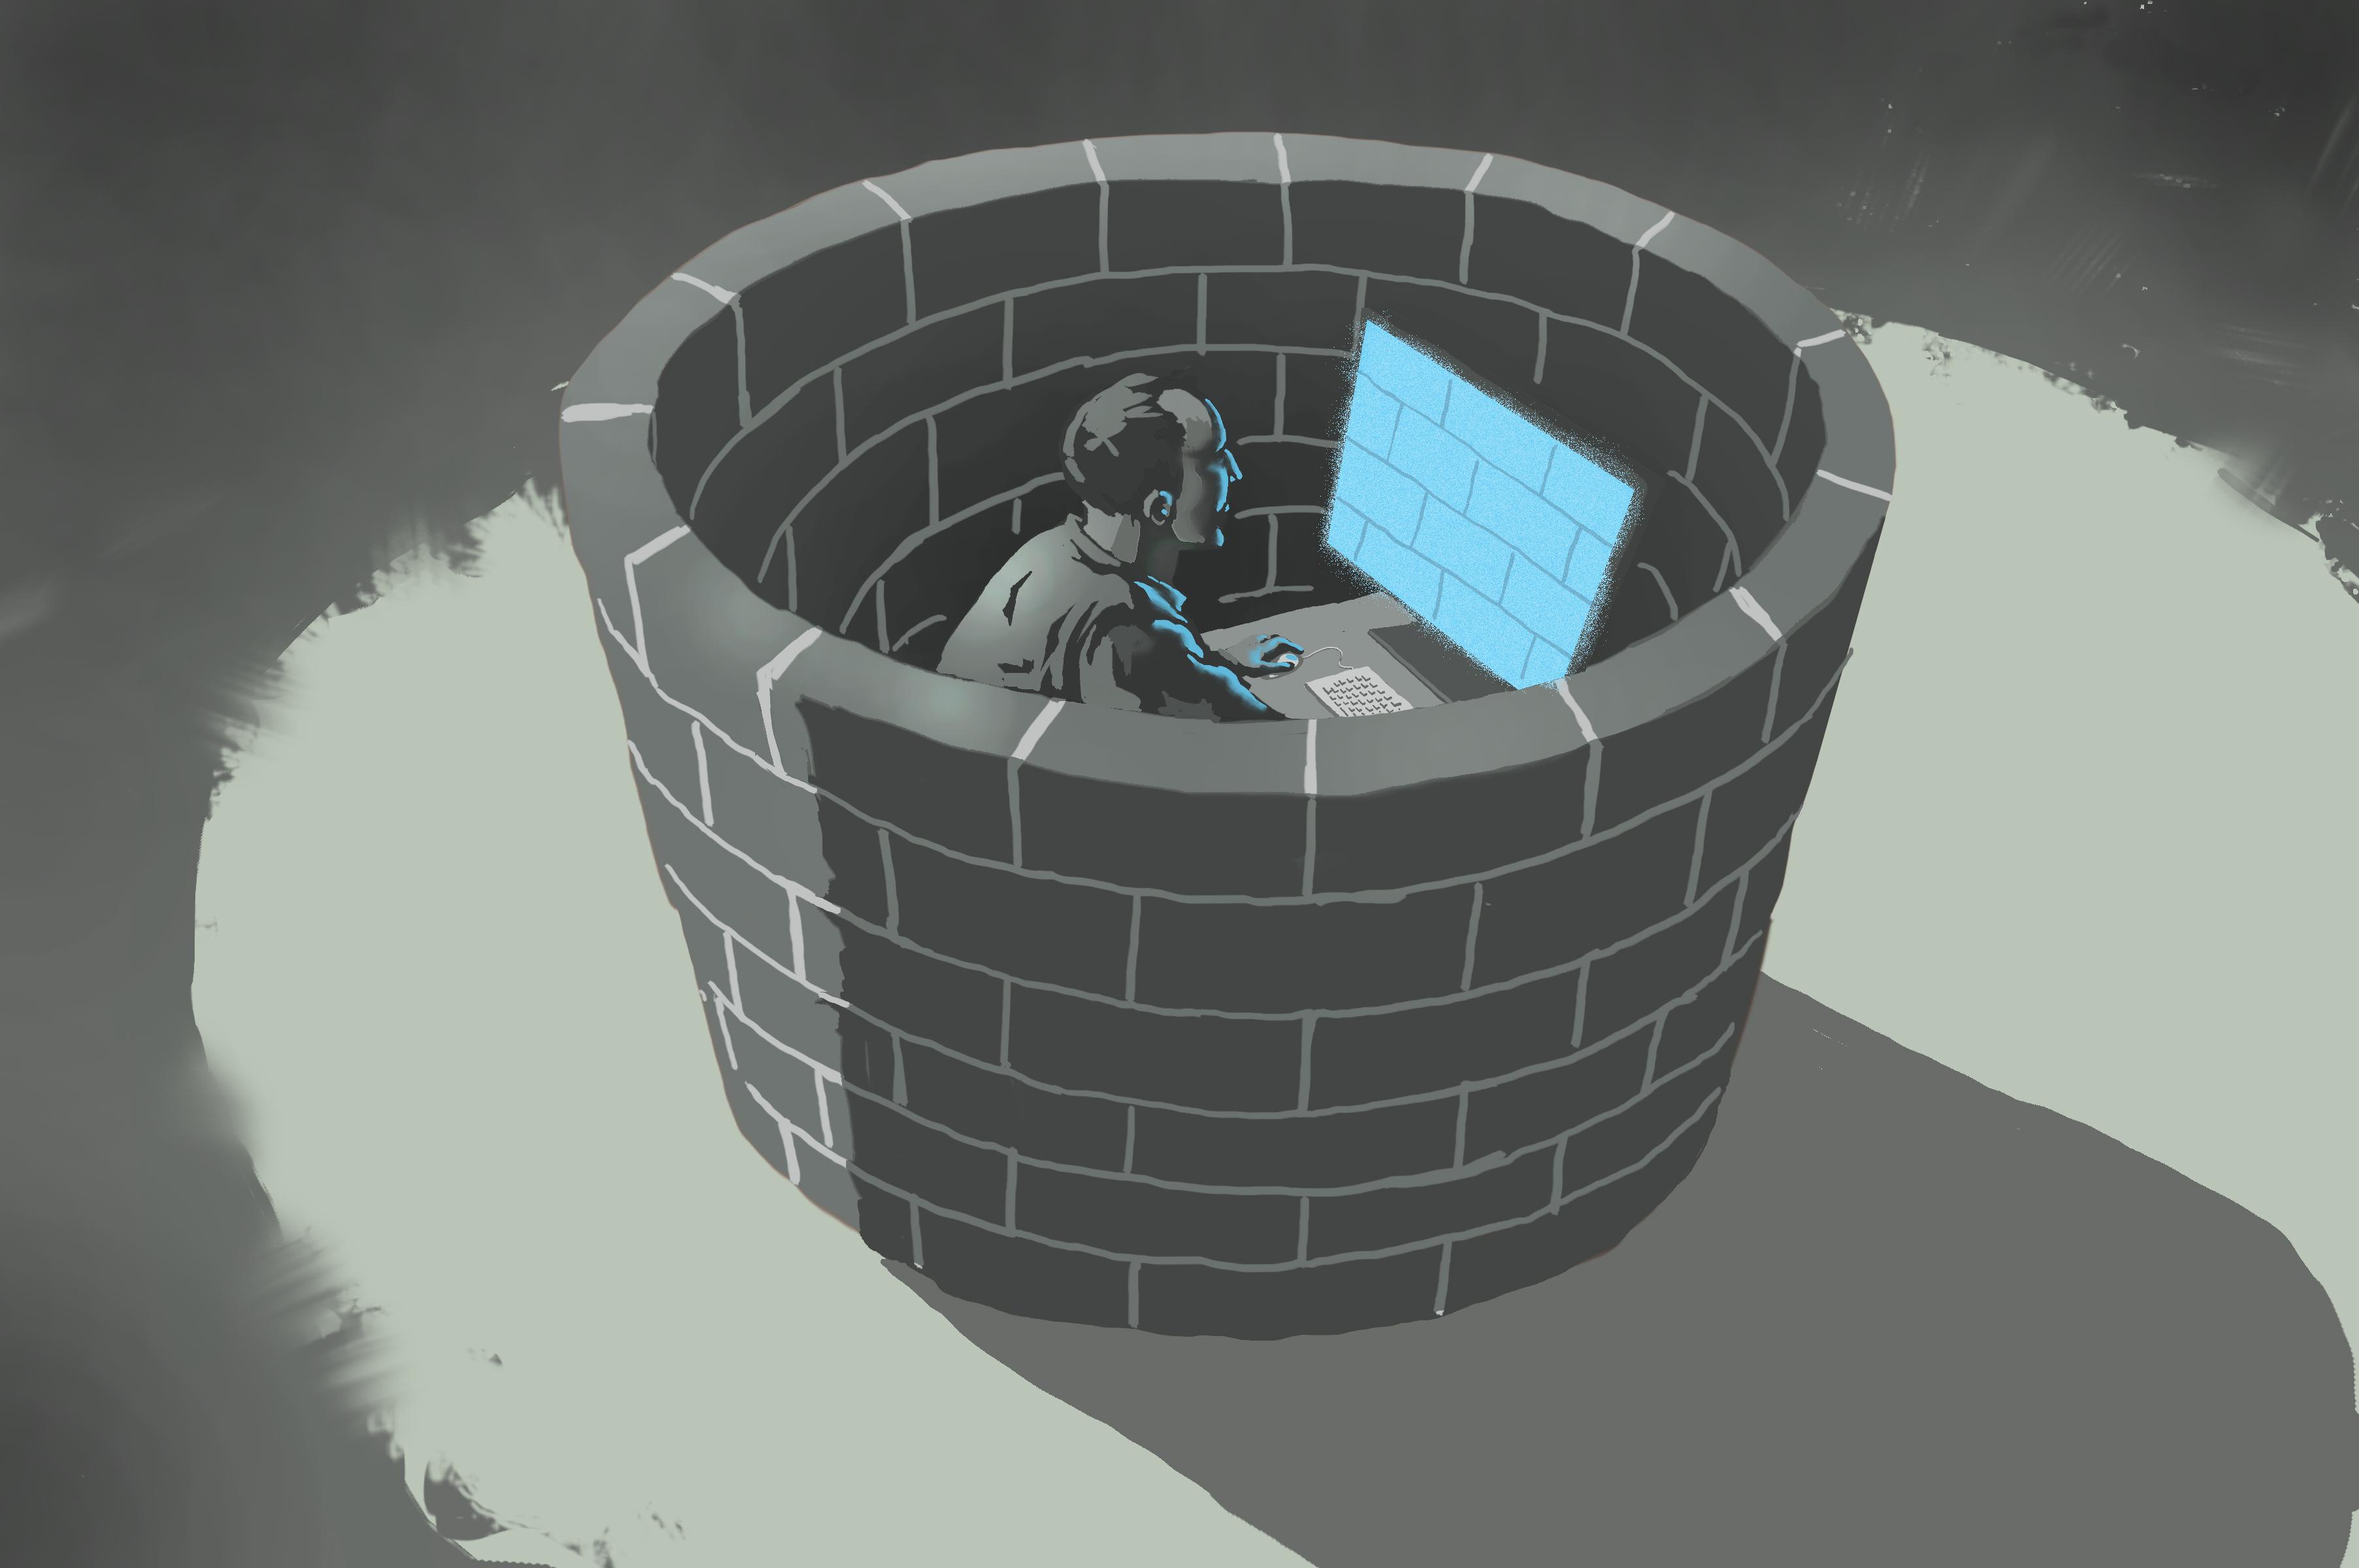 самый «свободный» Интернет в мире